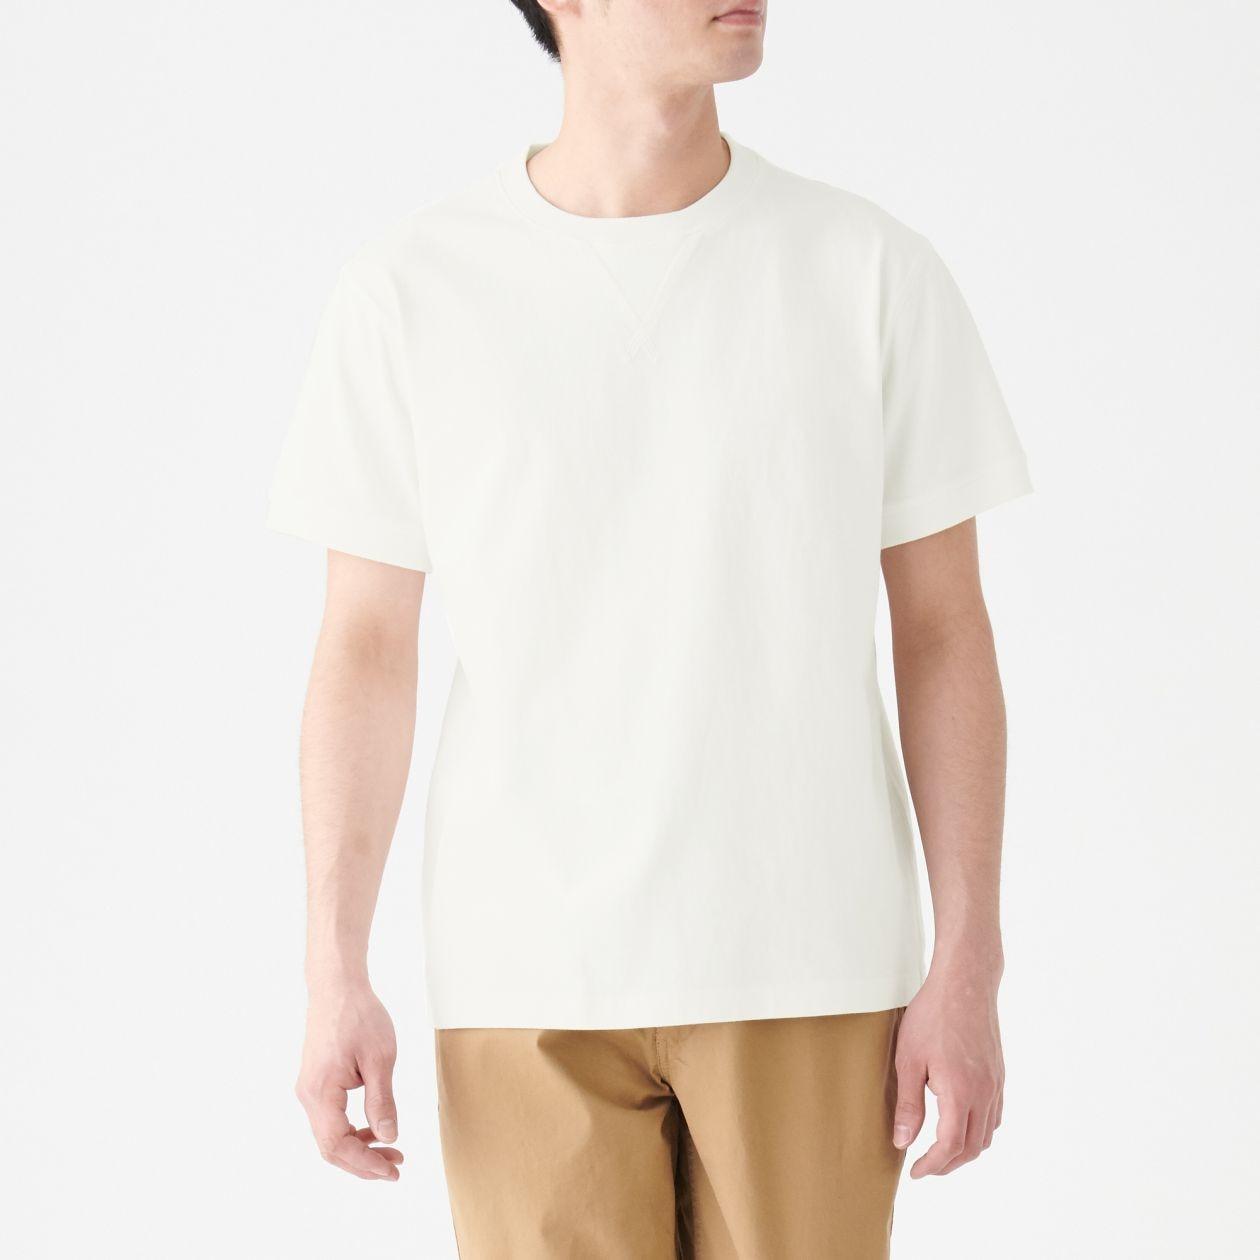 太番手 天竺編みガゼット付き半袖Tシャツ